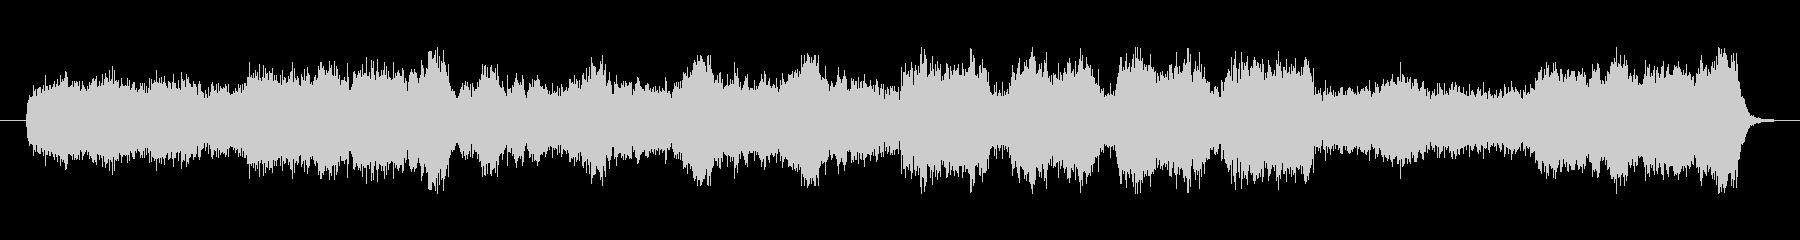 壮大で響きが特徴的なメロディーの未再生の波形